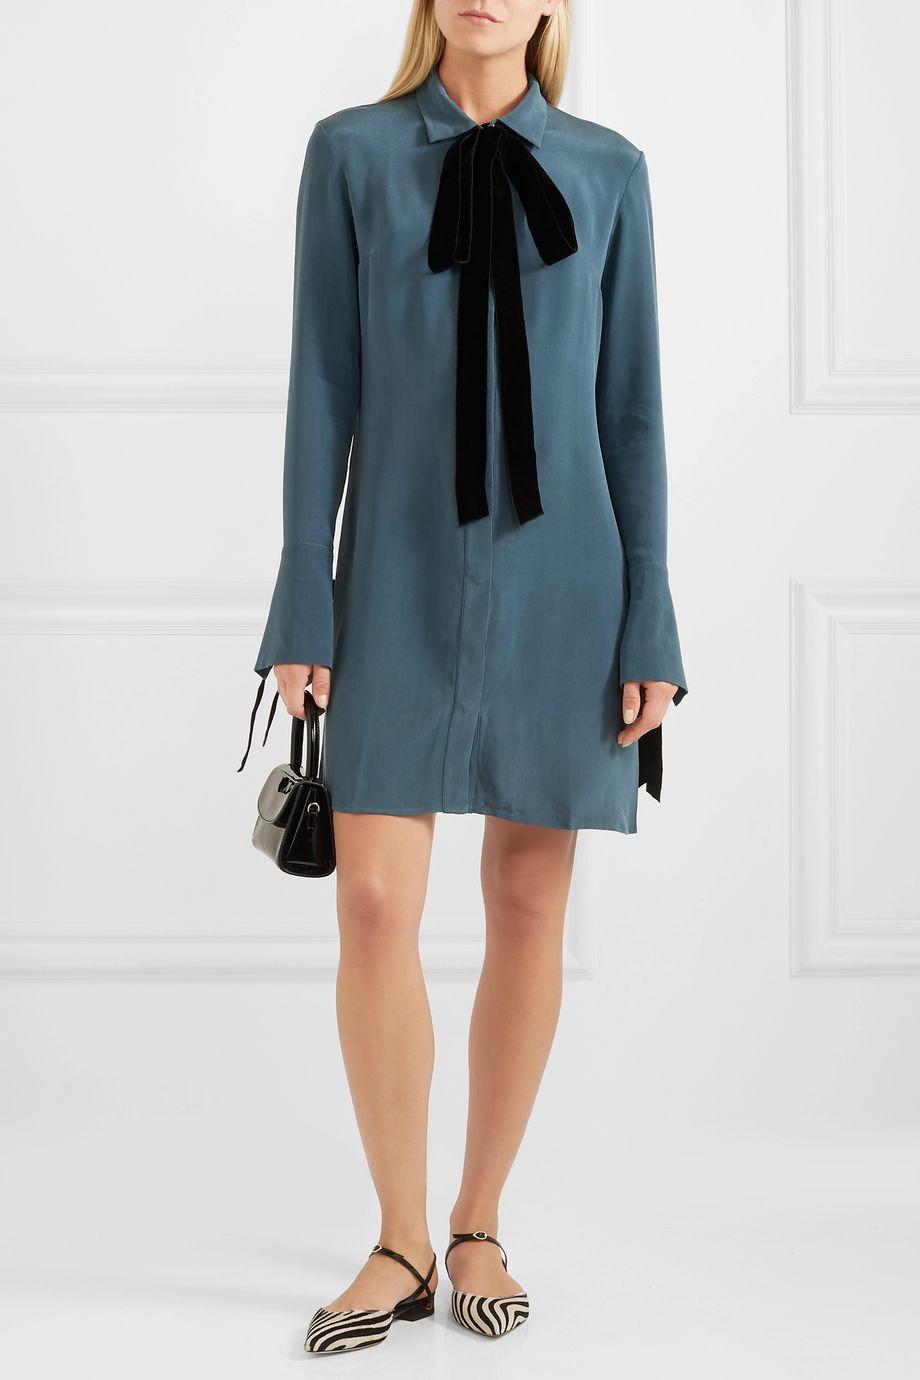 Olivia von Halle Heroine velvet-trimmed washed-silk mini dress